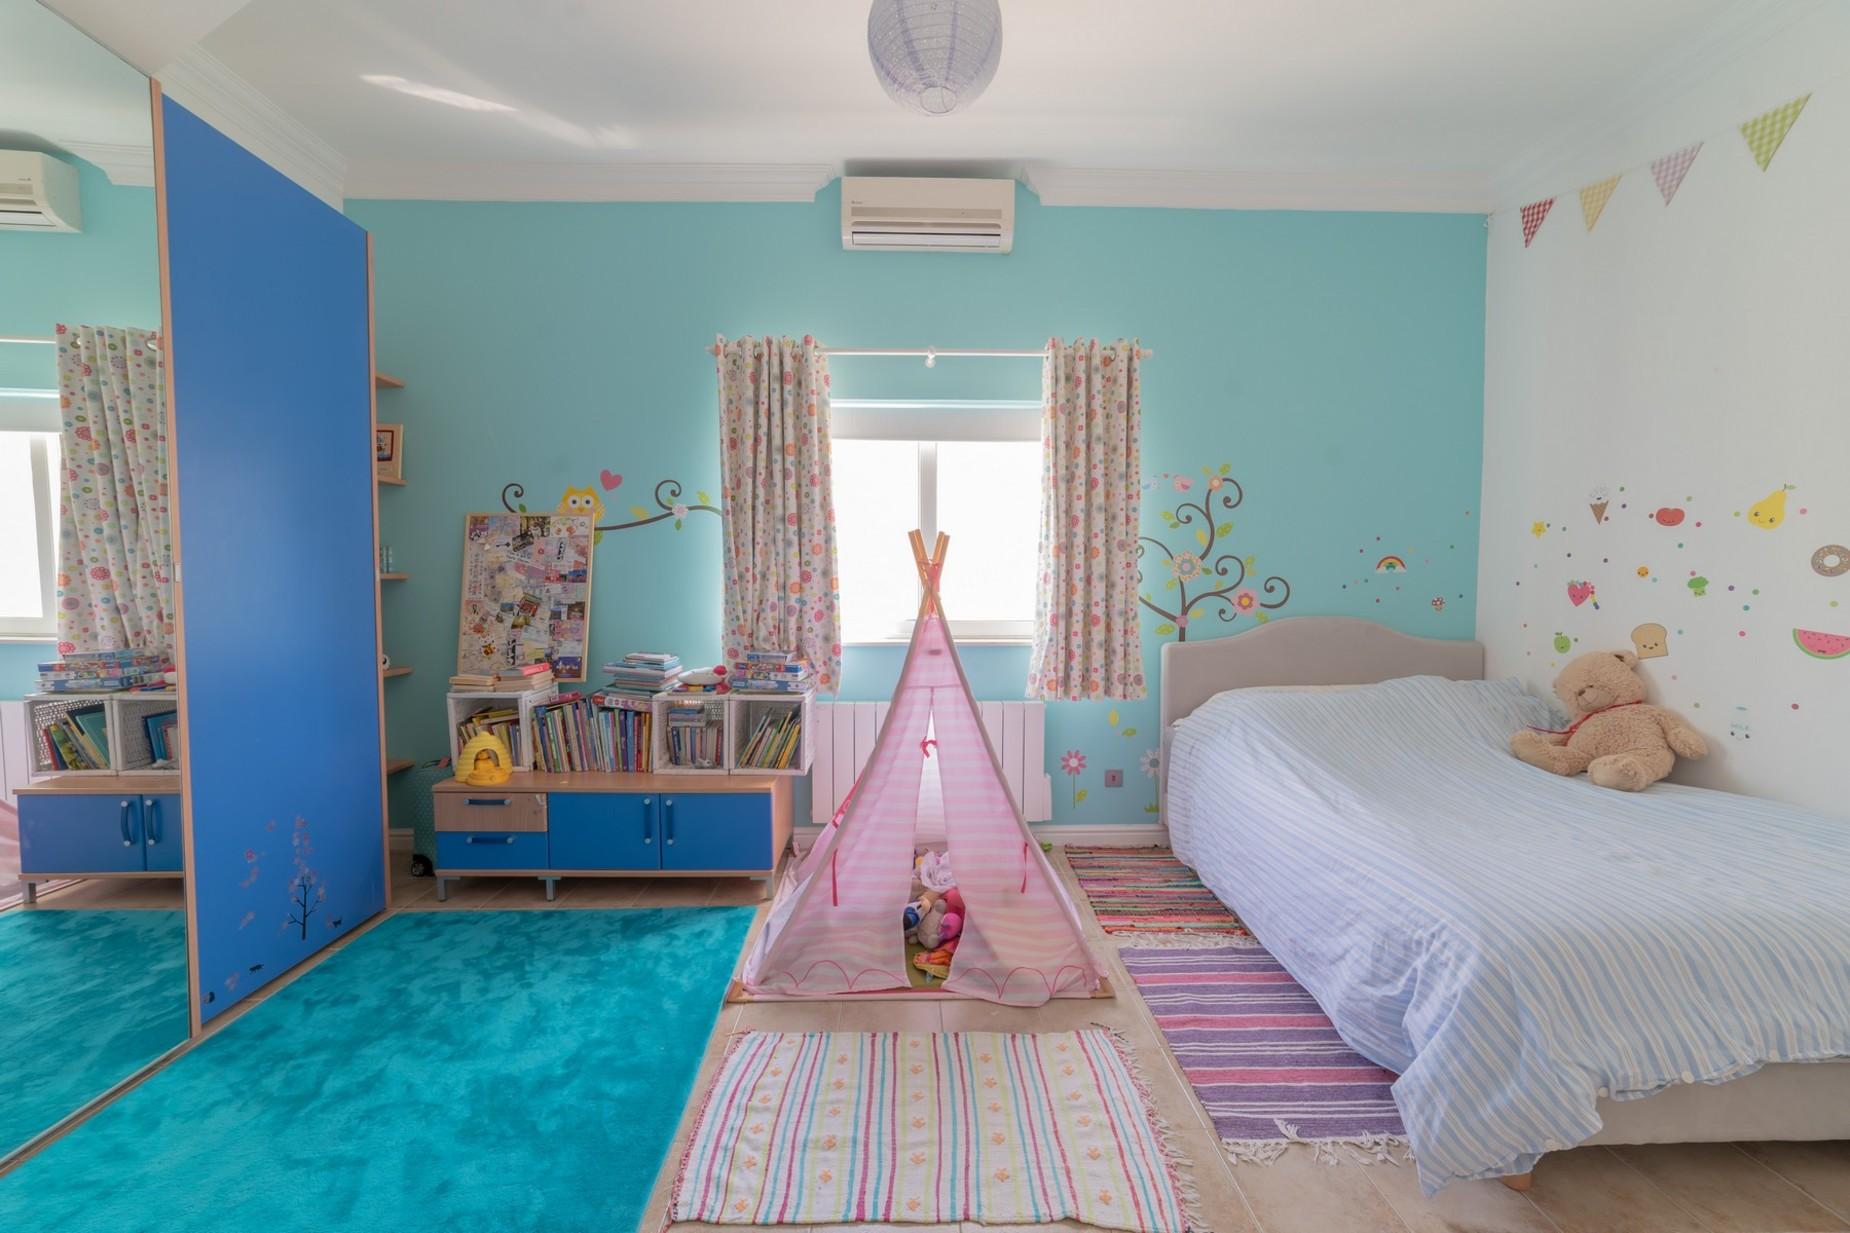 4 bed Apartment For Sale in Ta' Xbiex, Ta' Xbiex - thumb 13